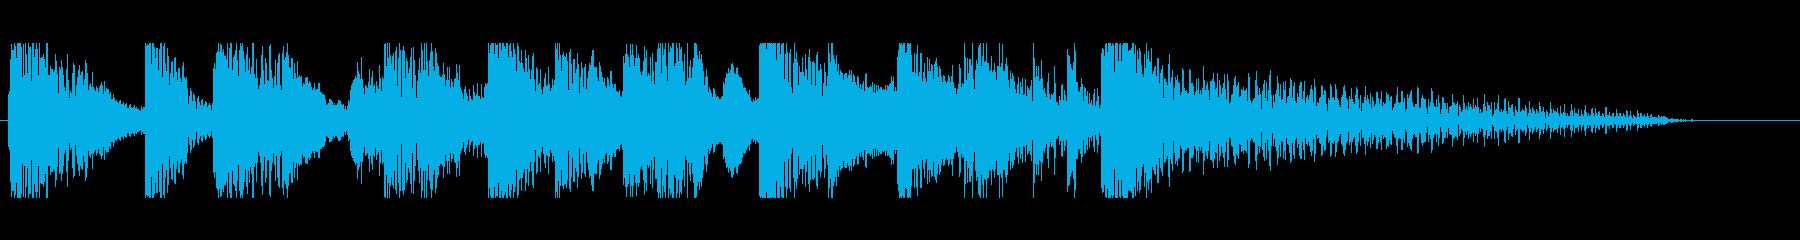 ステージクリア クールなイメージの再生済みの波形